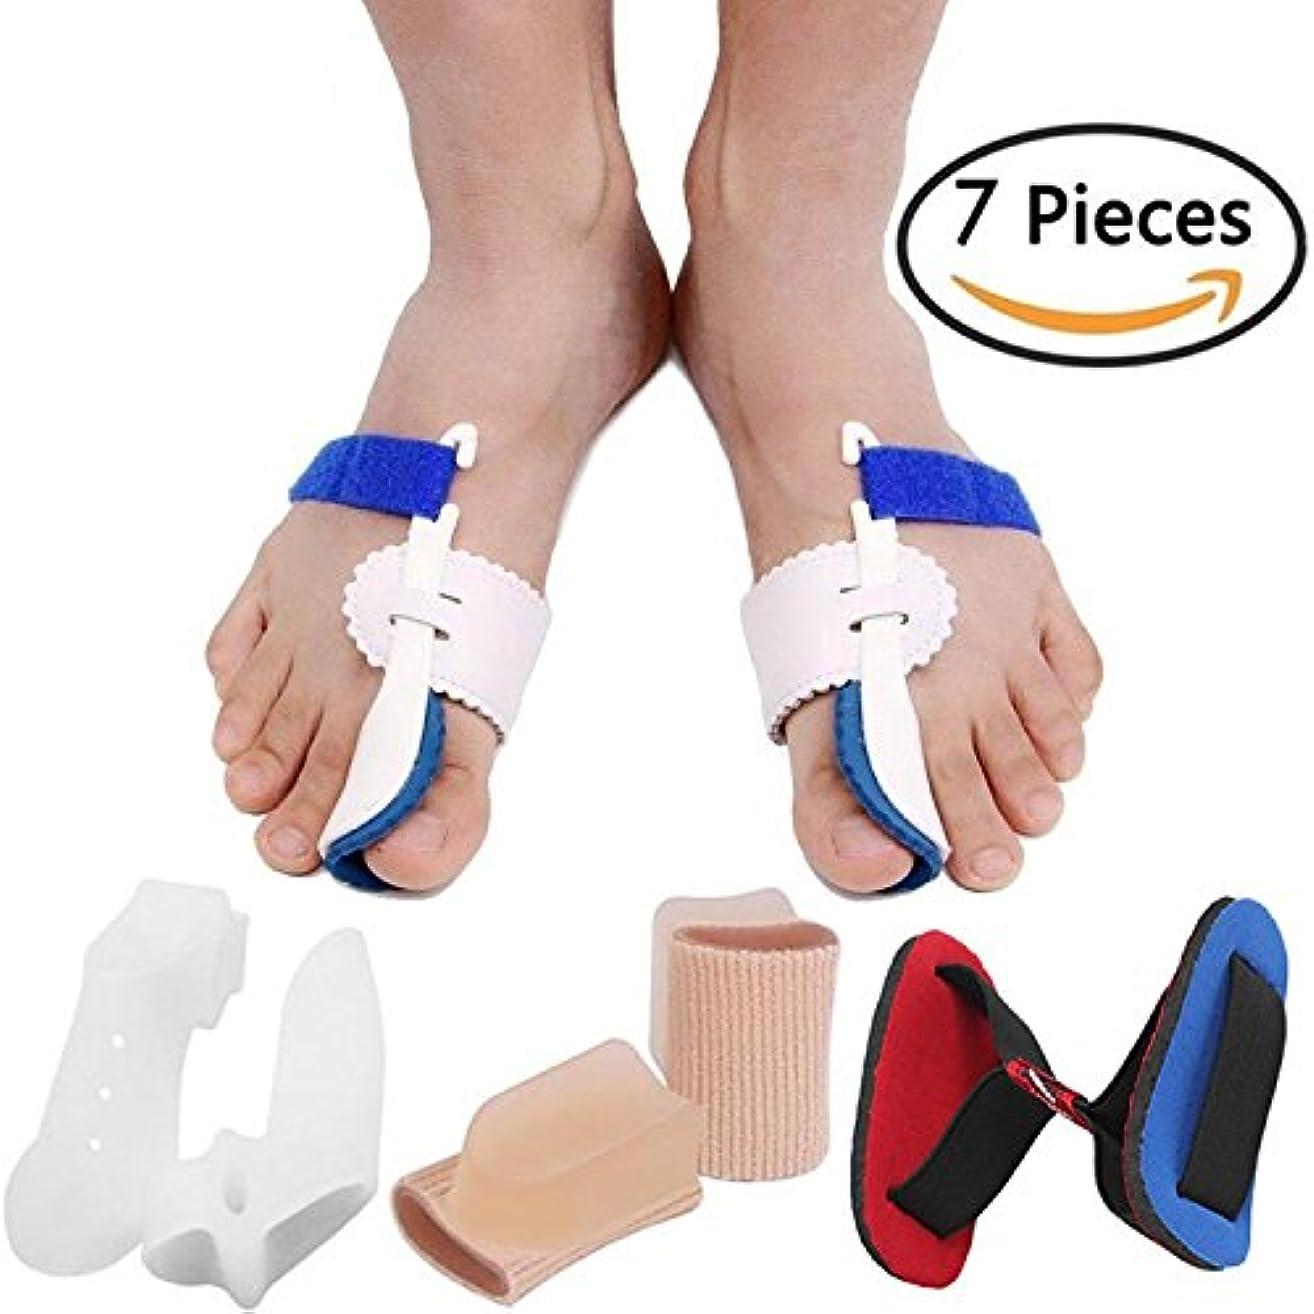 何故なの憤る雷雨Bunion Corrector Bunion Relief Protector Sleeves Kit, Big Toe Corrector Straightener Separator Treat Pain in Hallux...